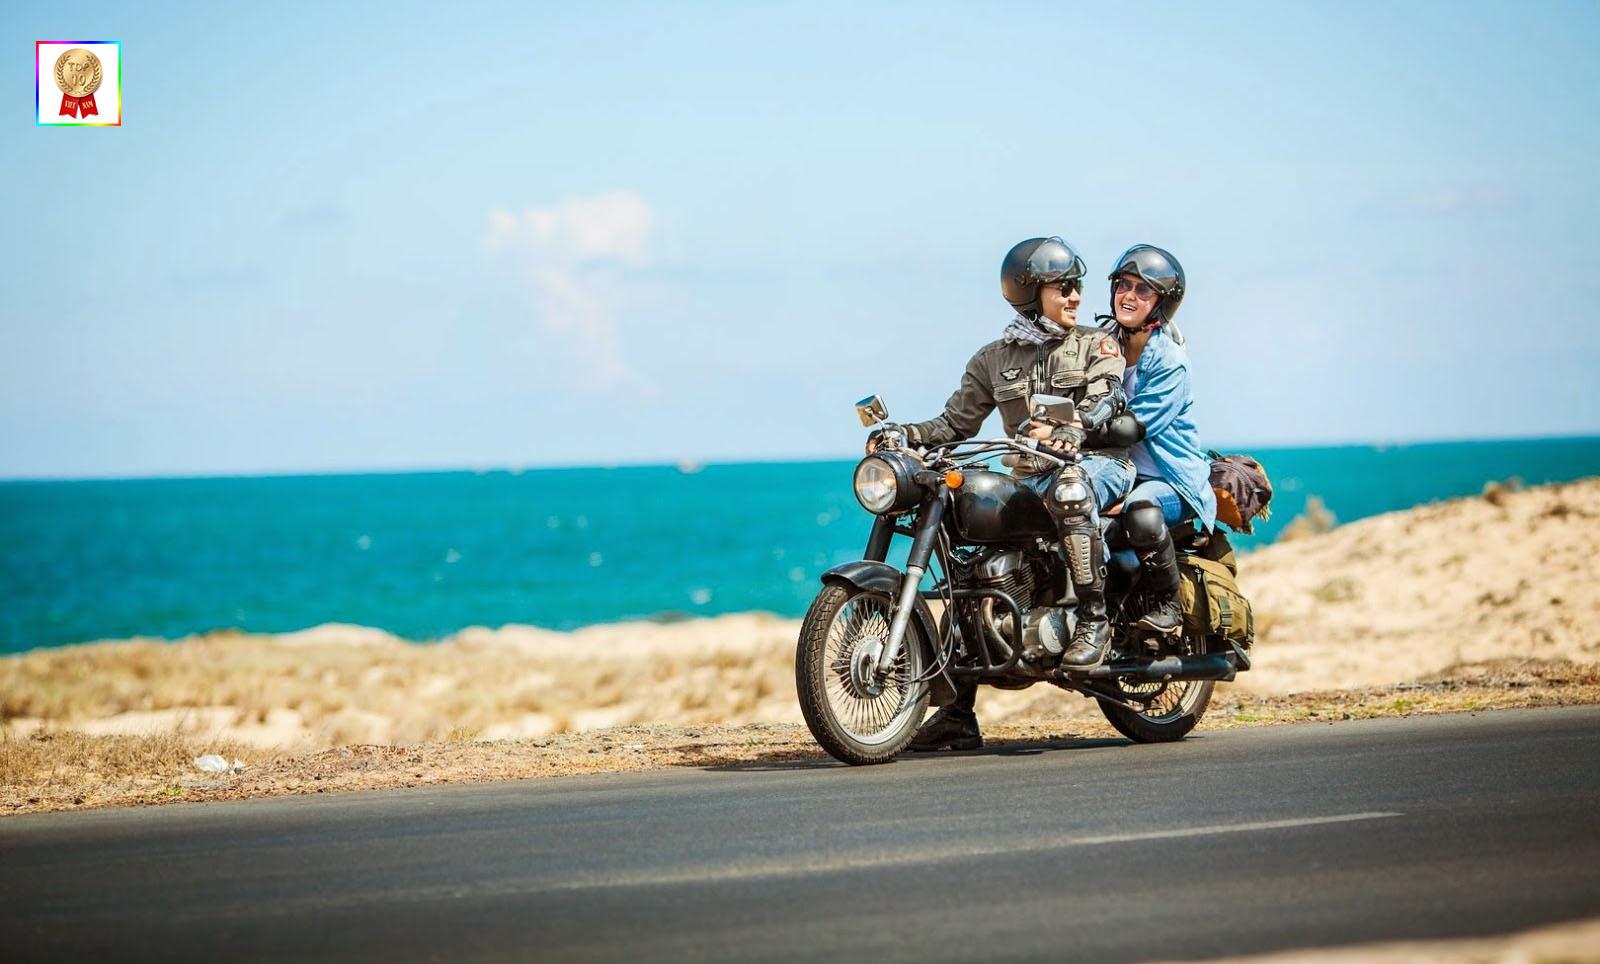 Thuê xe máy phượt tại Hà Nội giá rẻ